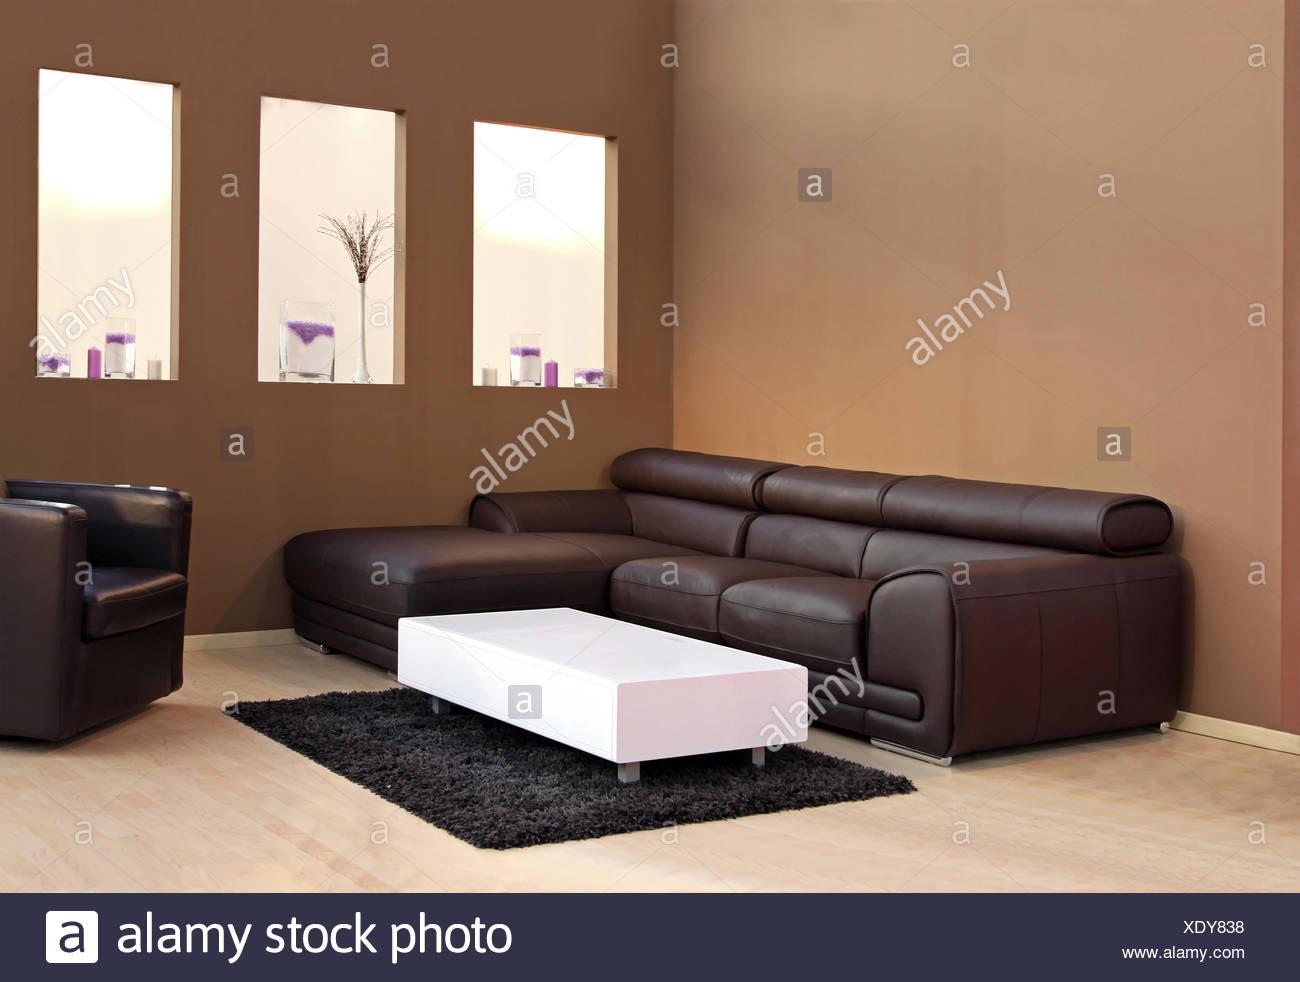 Große Braune Ledercouch Im Modernen Interieur Stockfoto